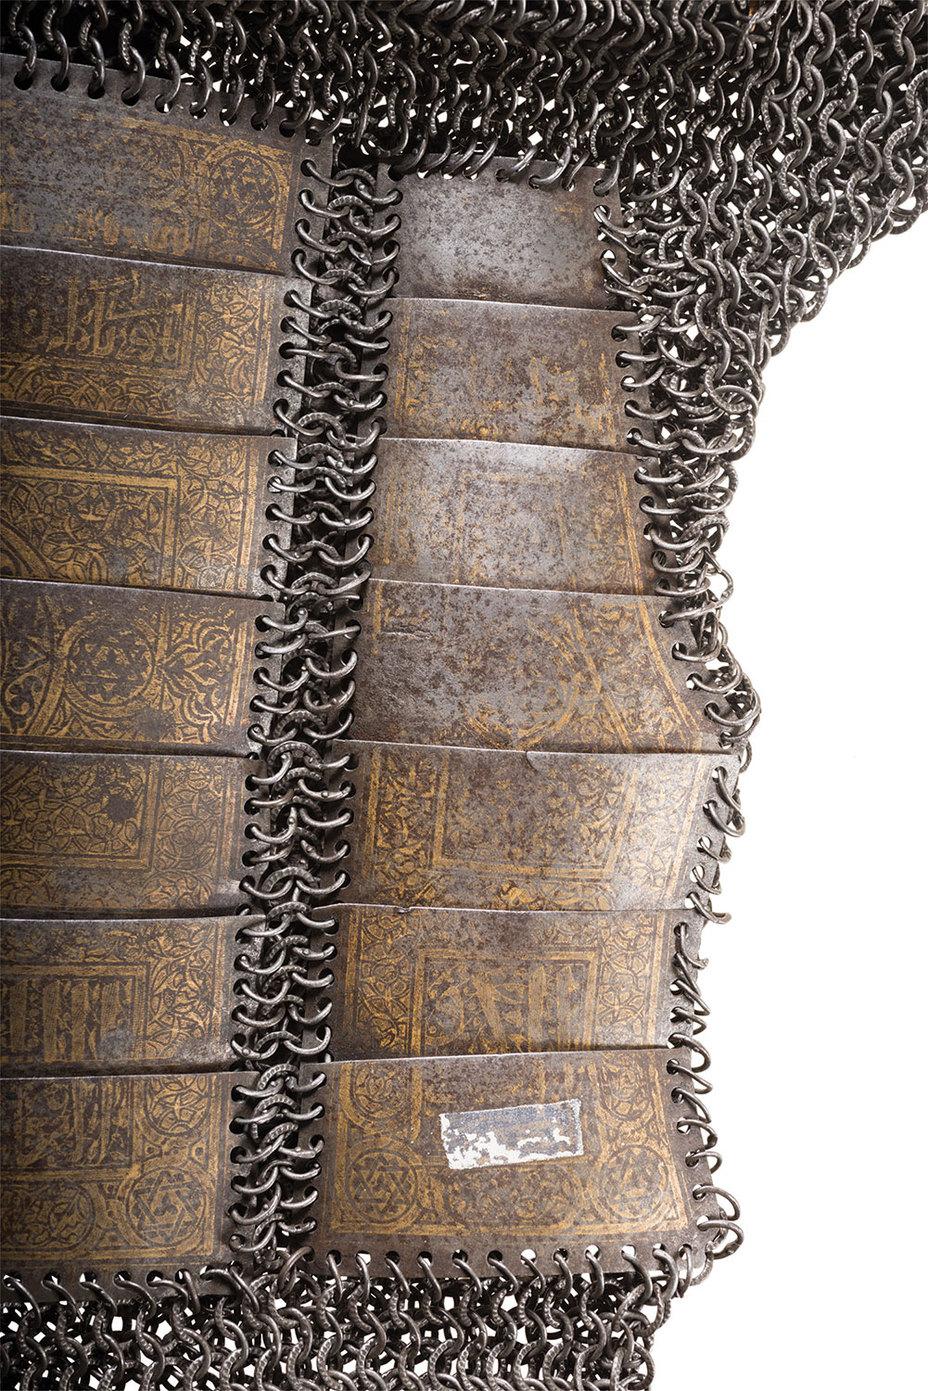 Гравировка на золотых пластинах кольчуги rockislandauction.com - Кольчугу XV века продали за $2,3 млн | Военно-исторический портал Warspot.ru